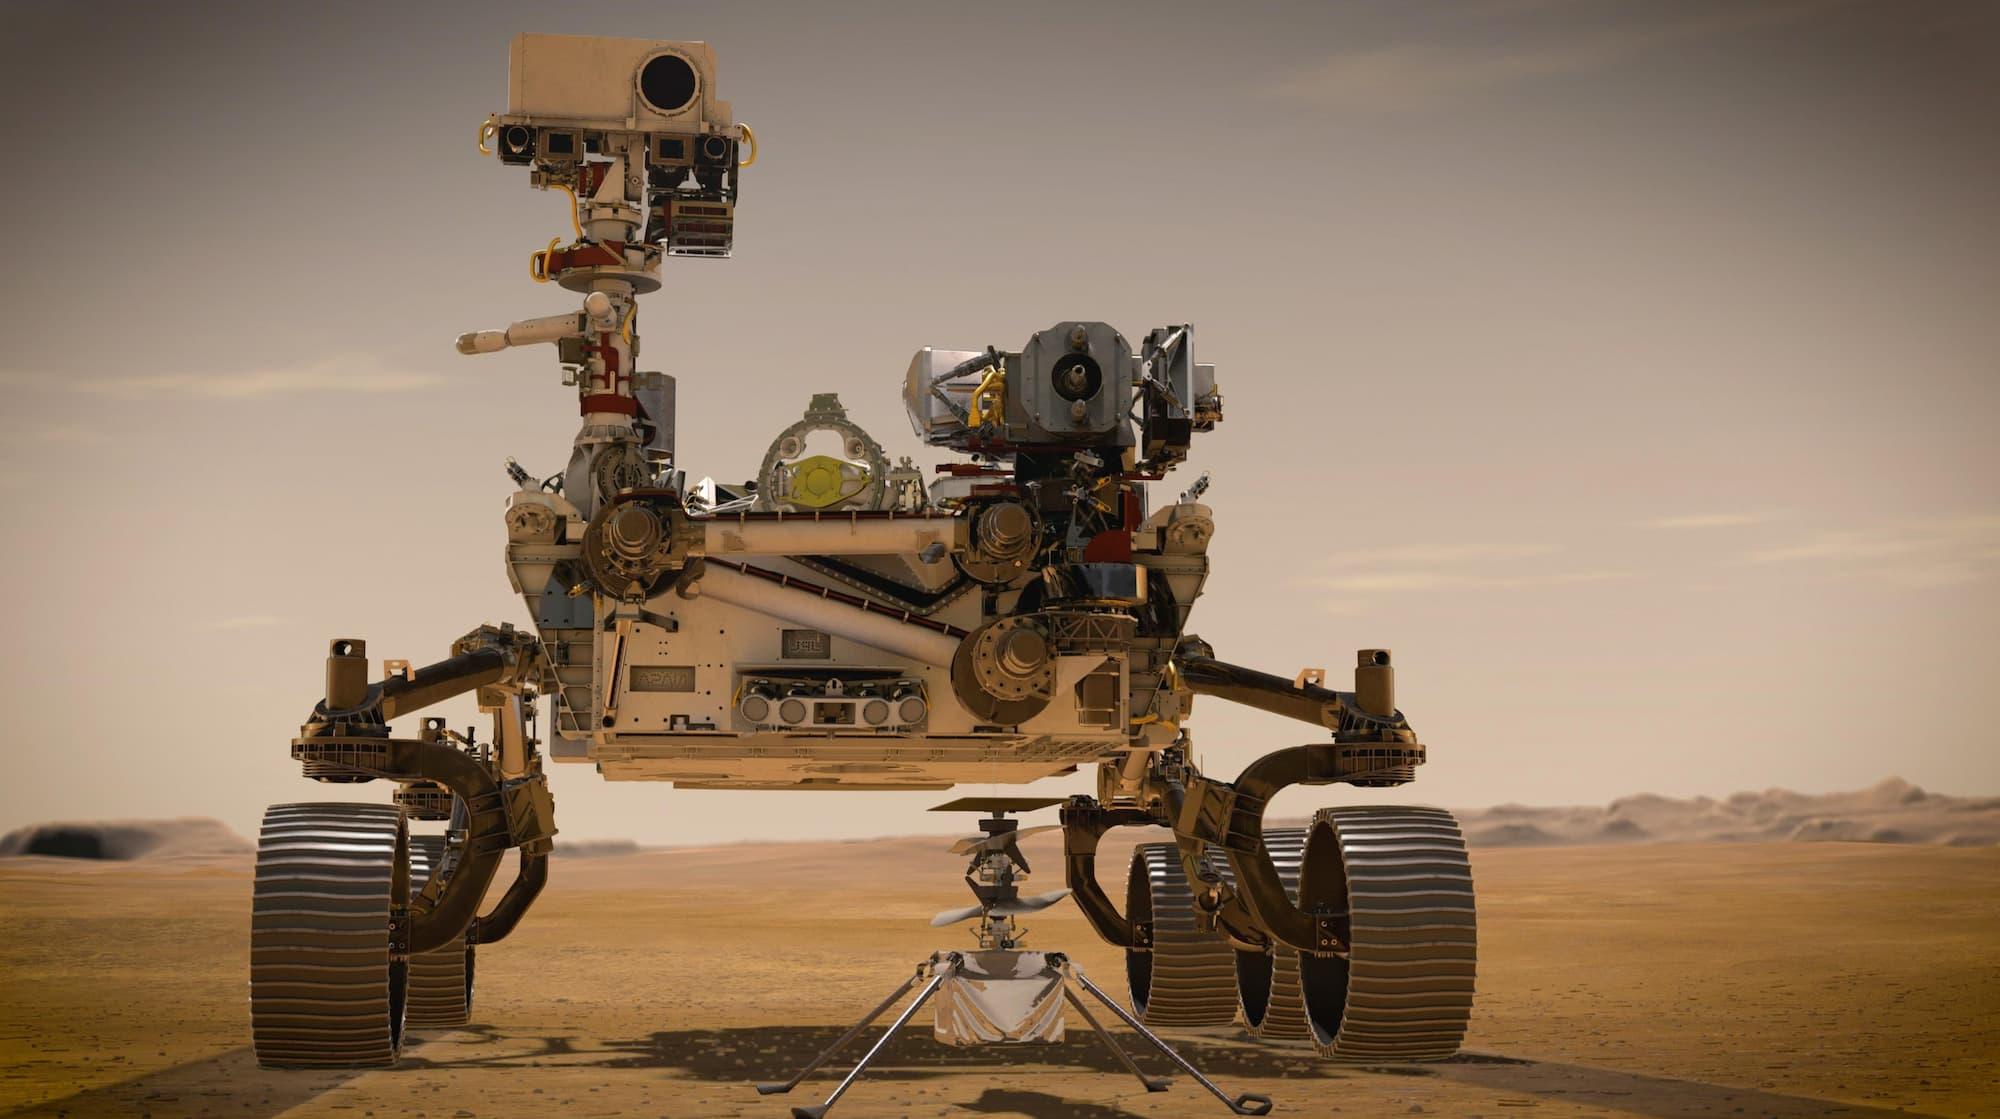 Perseverance @NASAJPL-Caltech